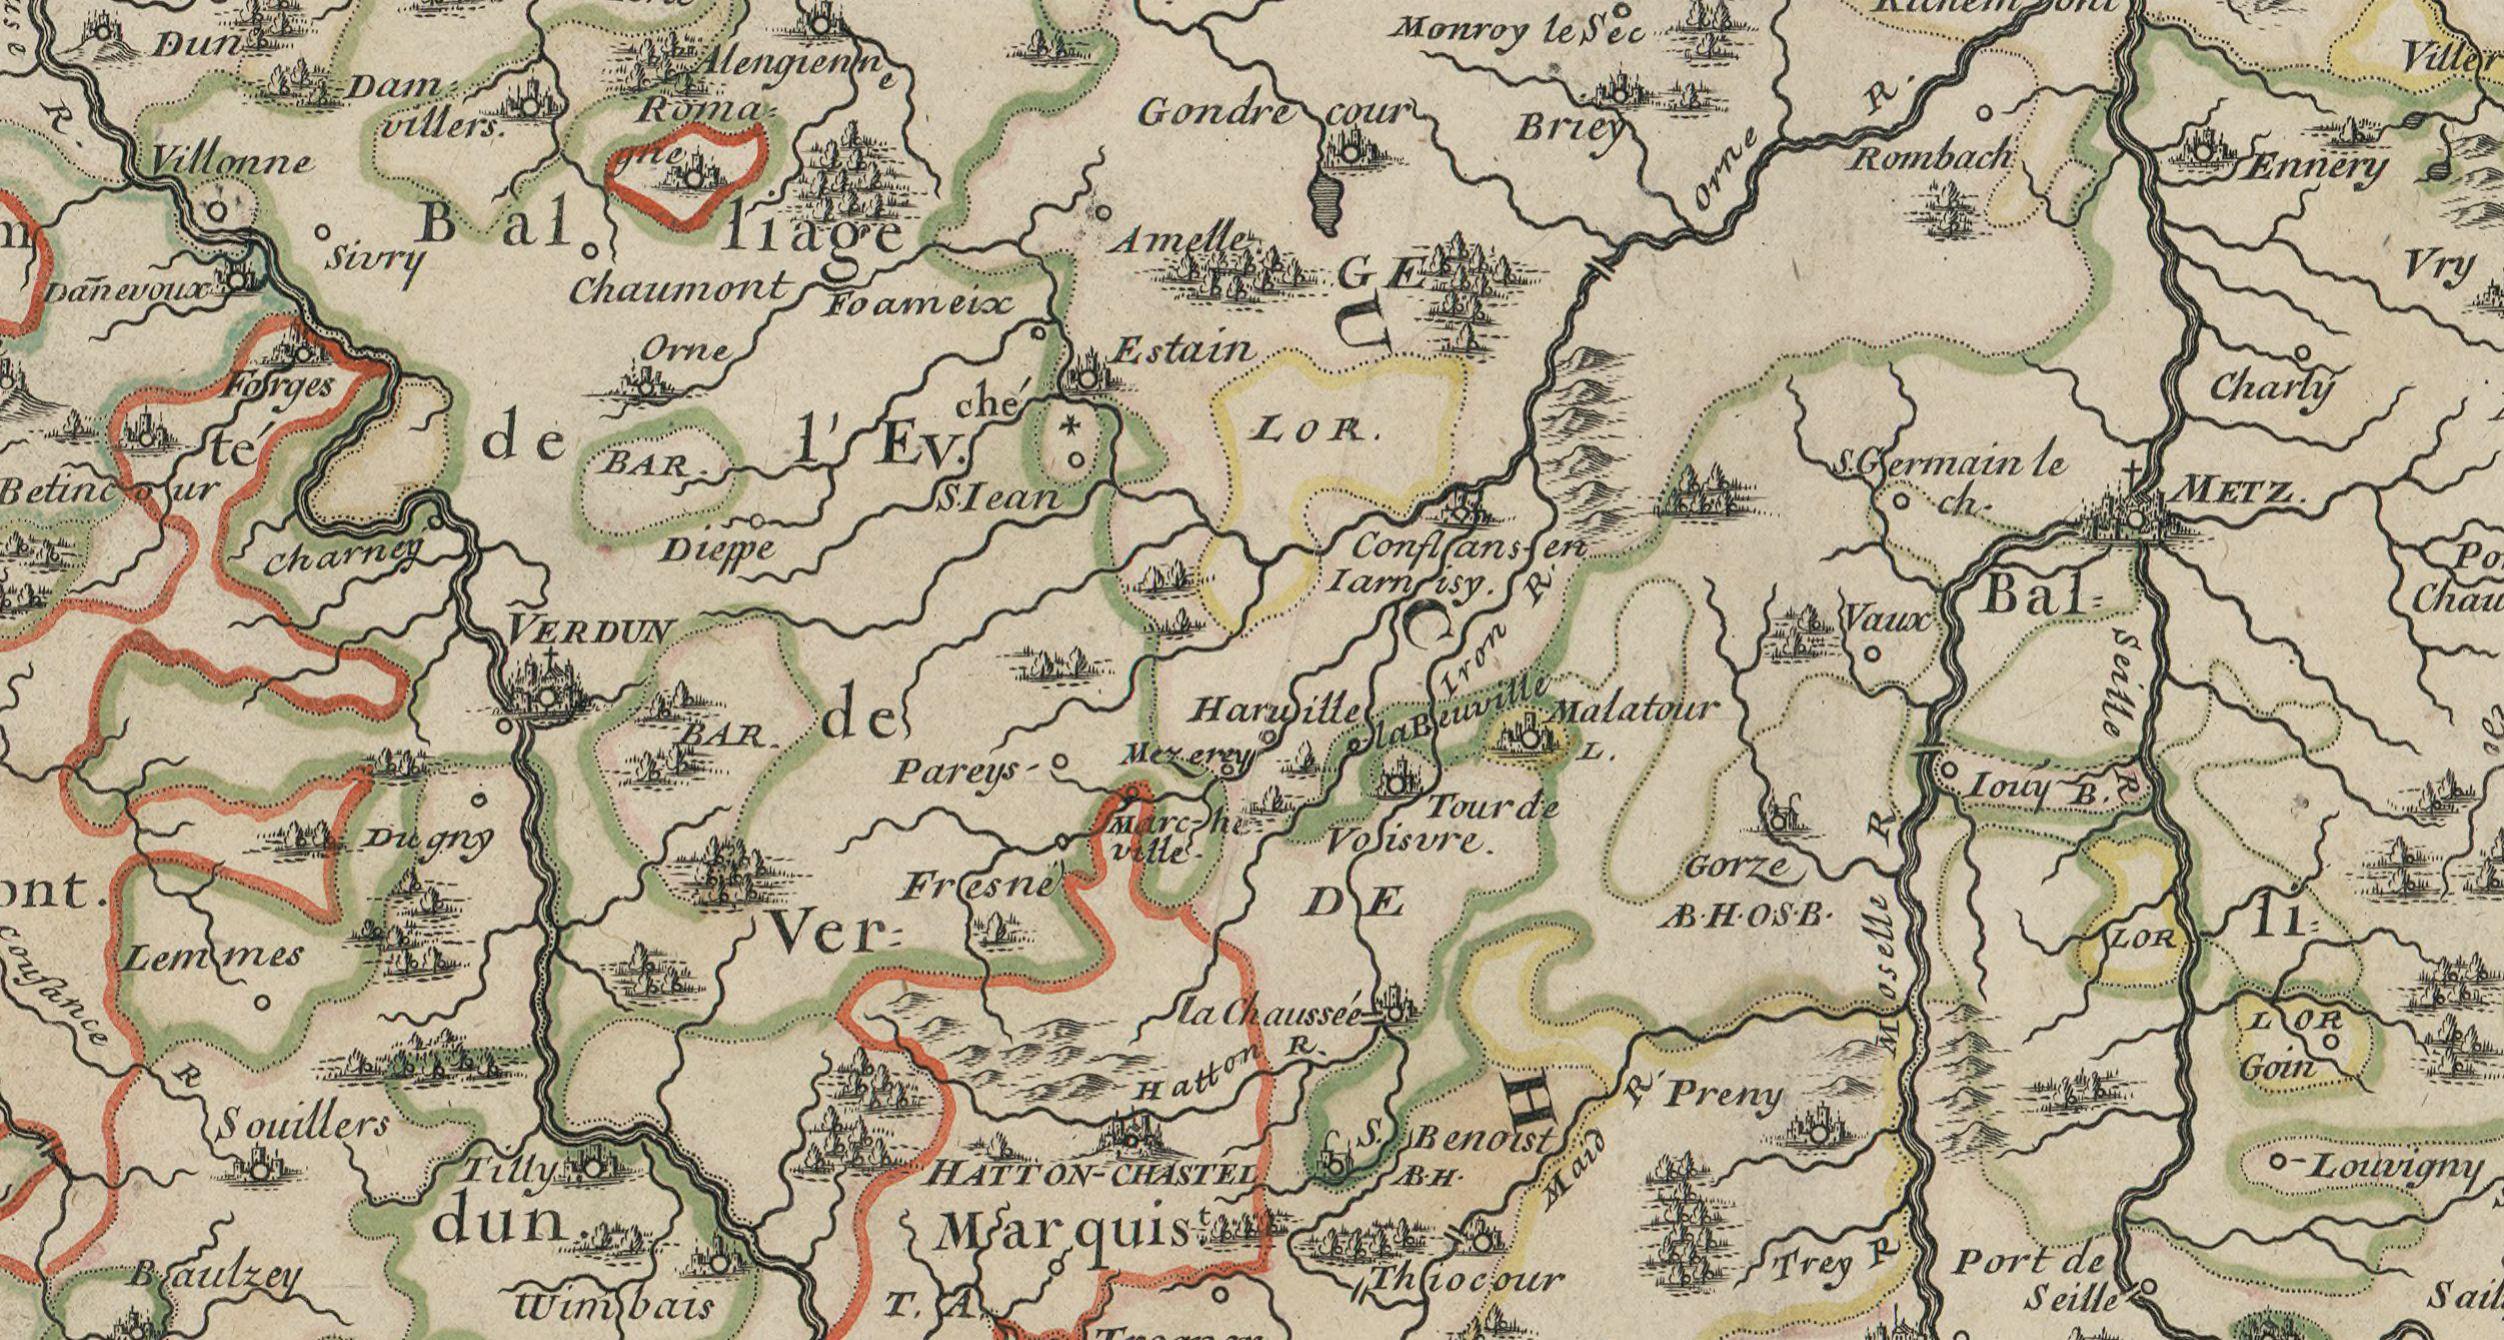 Extract of a map of Lorraine in the 17th century (Bibliothèque nationale de France, département Cartes et plans)